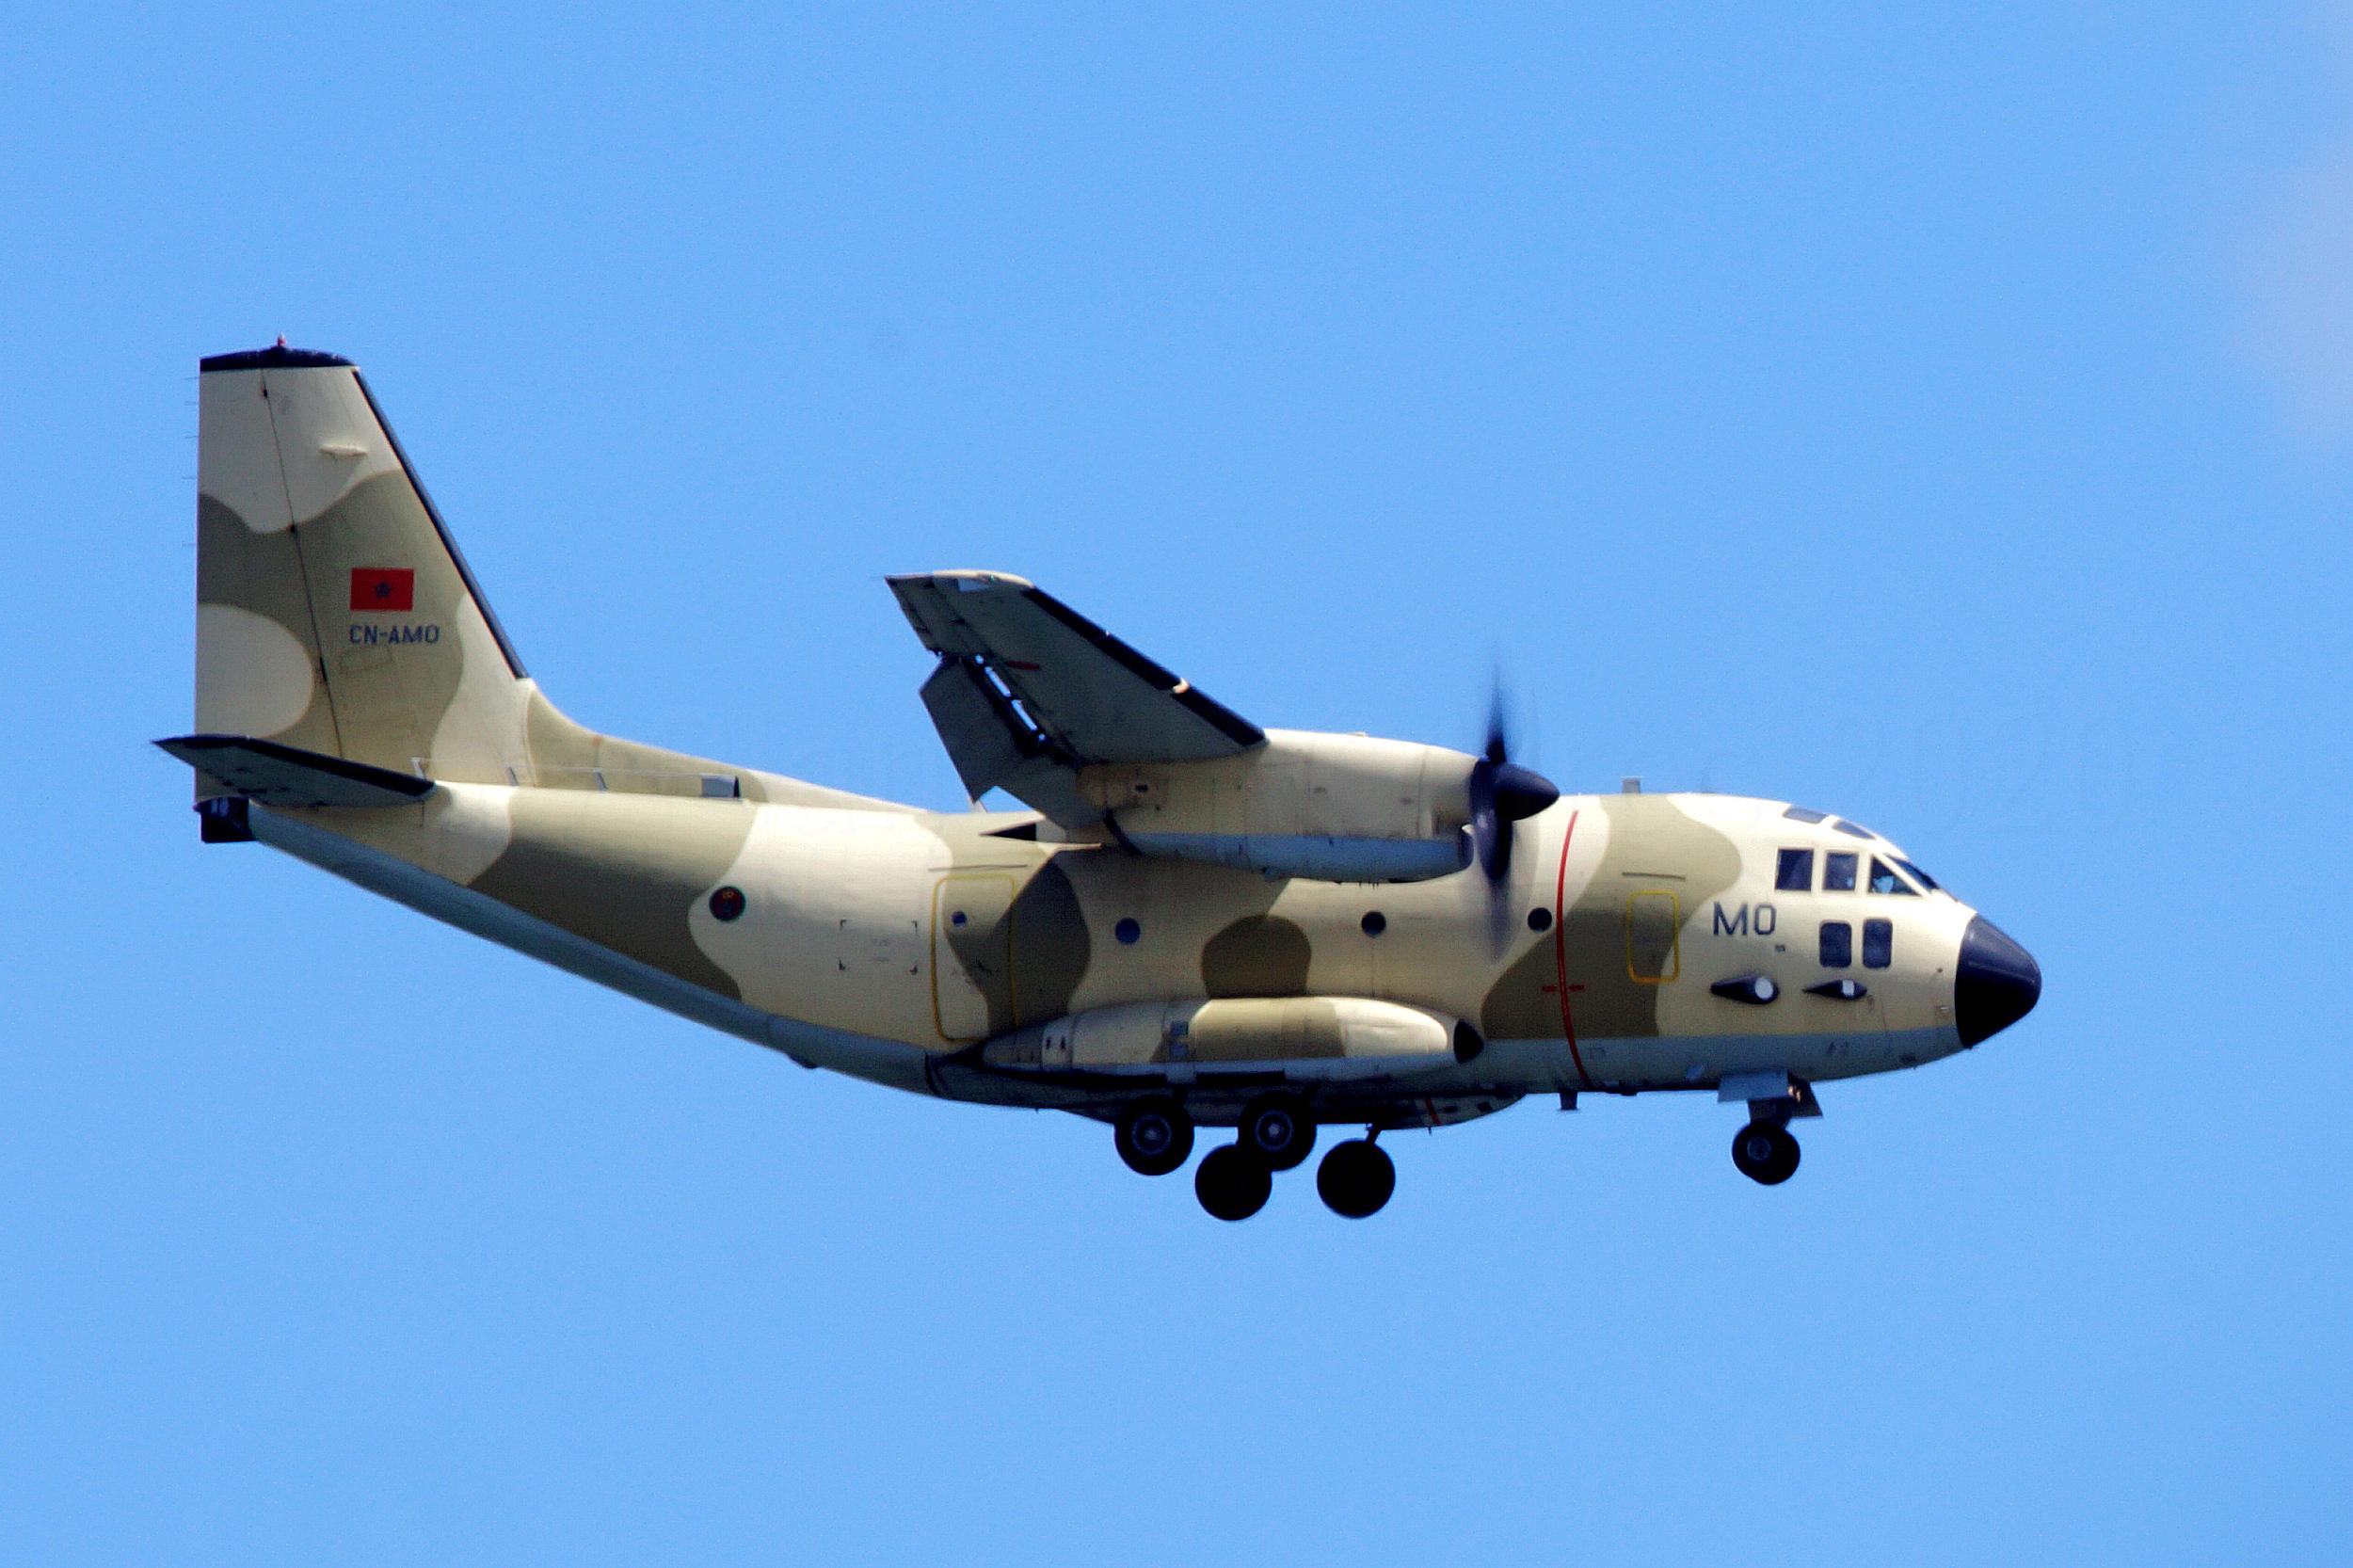 FRA: Photos d'avions de transport - Page 40 49854573308_049cc59fbc_o_d